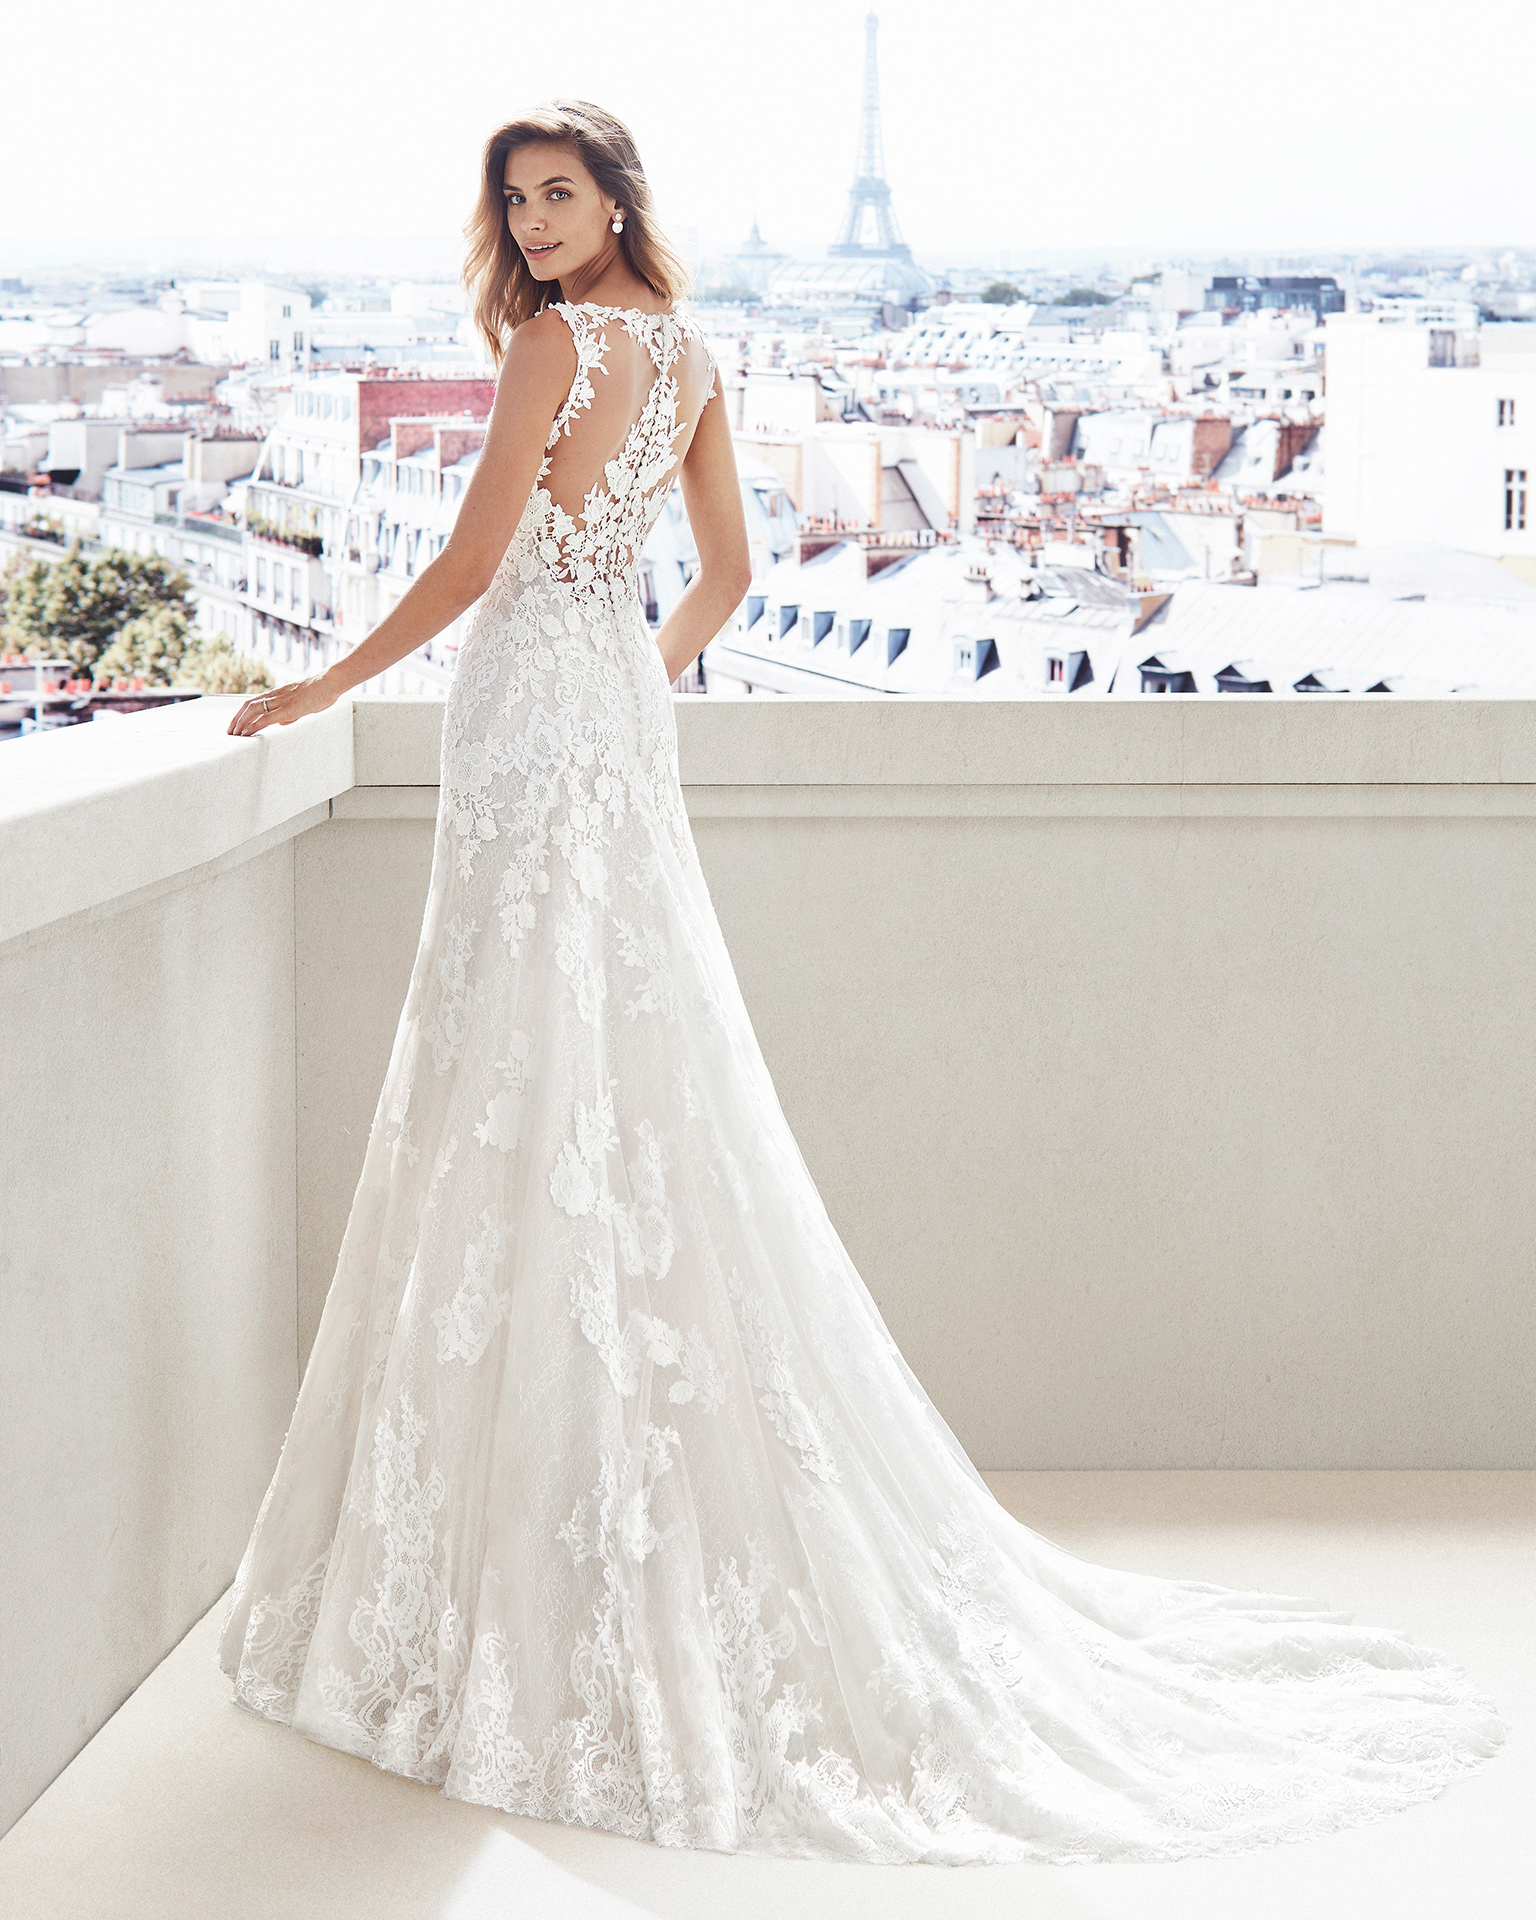 Vestido de novia corte recto en encaje. Escote en V y aplicaciones en espalda y falda. Disponible en color natural/nude y natural. Colección  2019.